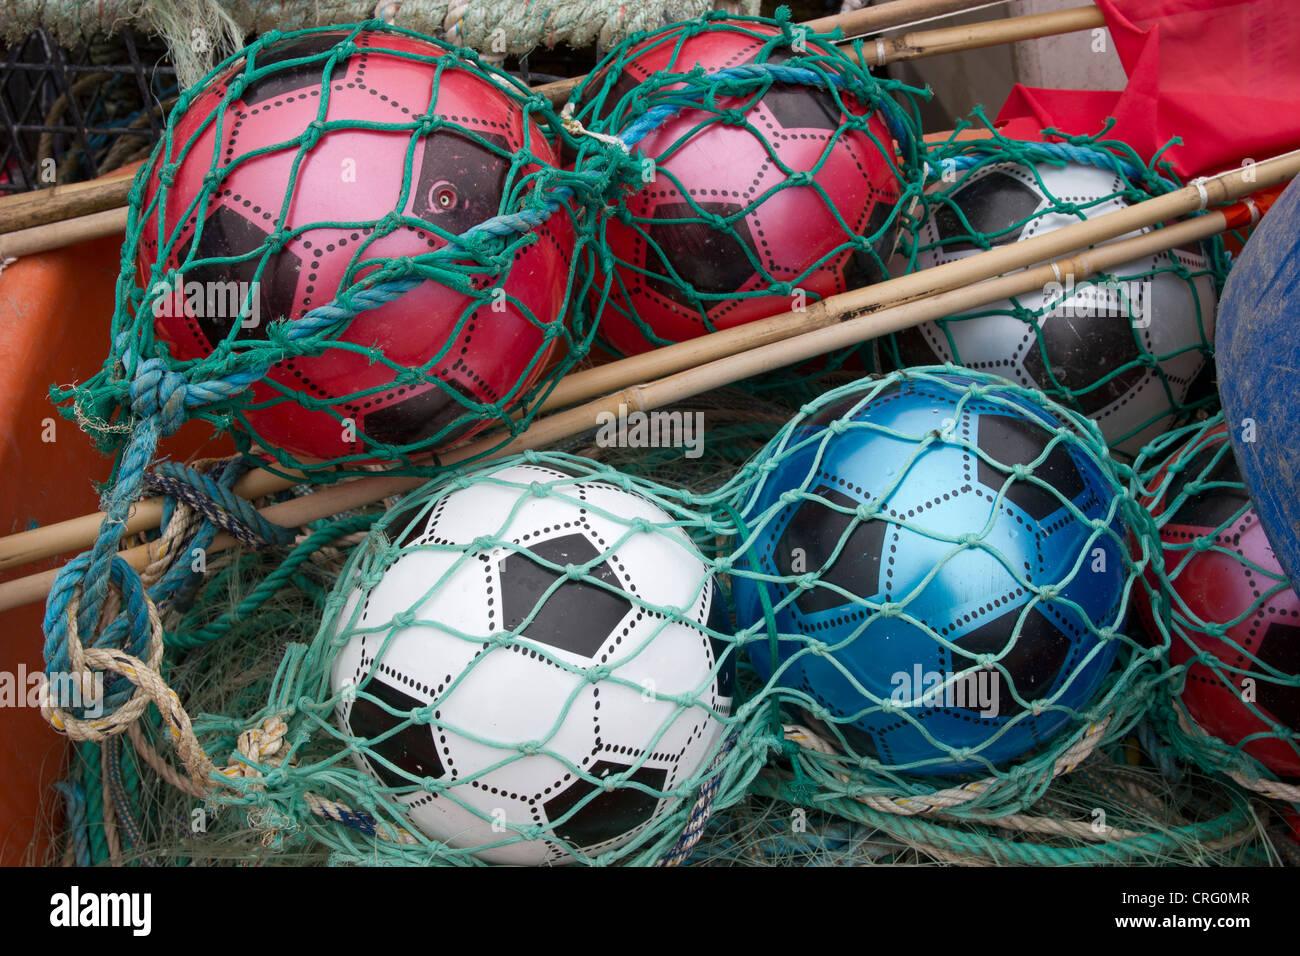 Ballons colorés utilisés comme flotteurs de pêche. Filet de pêche Banque D'Images